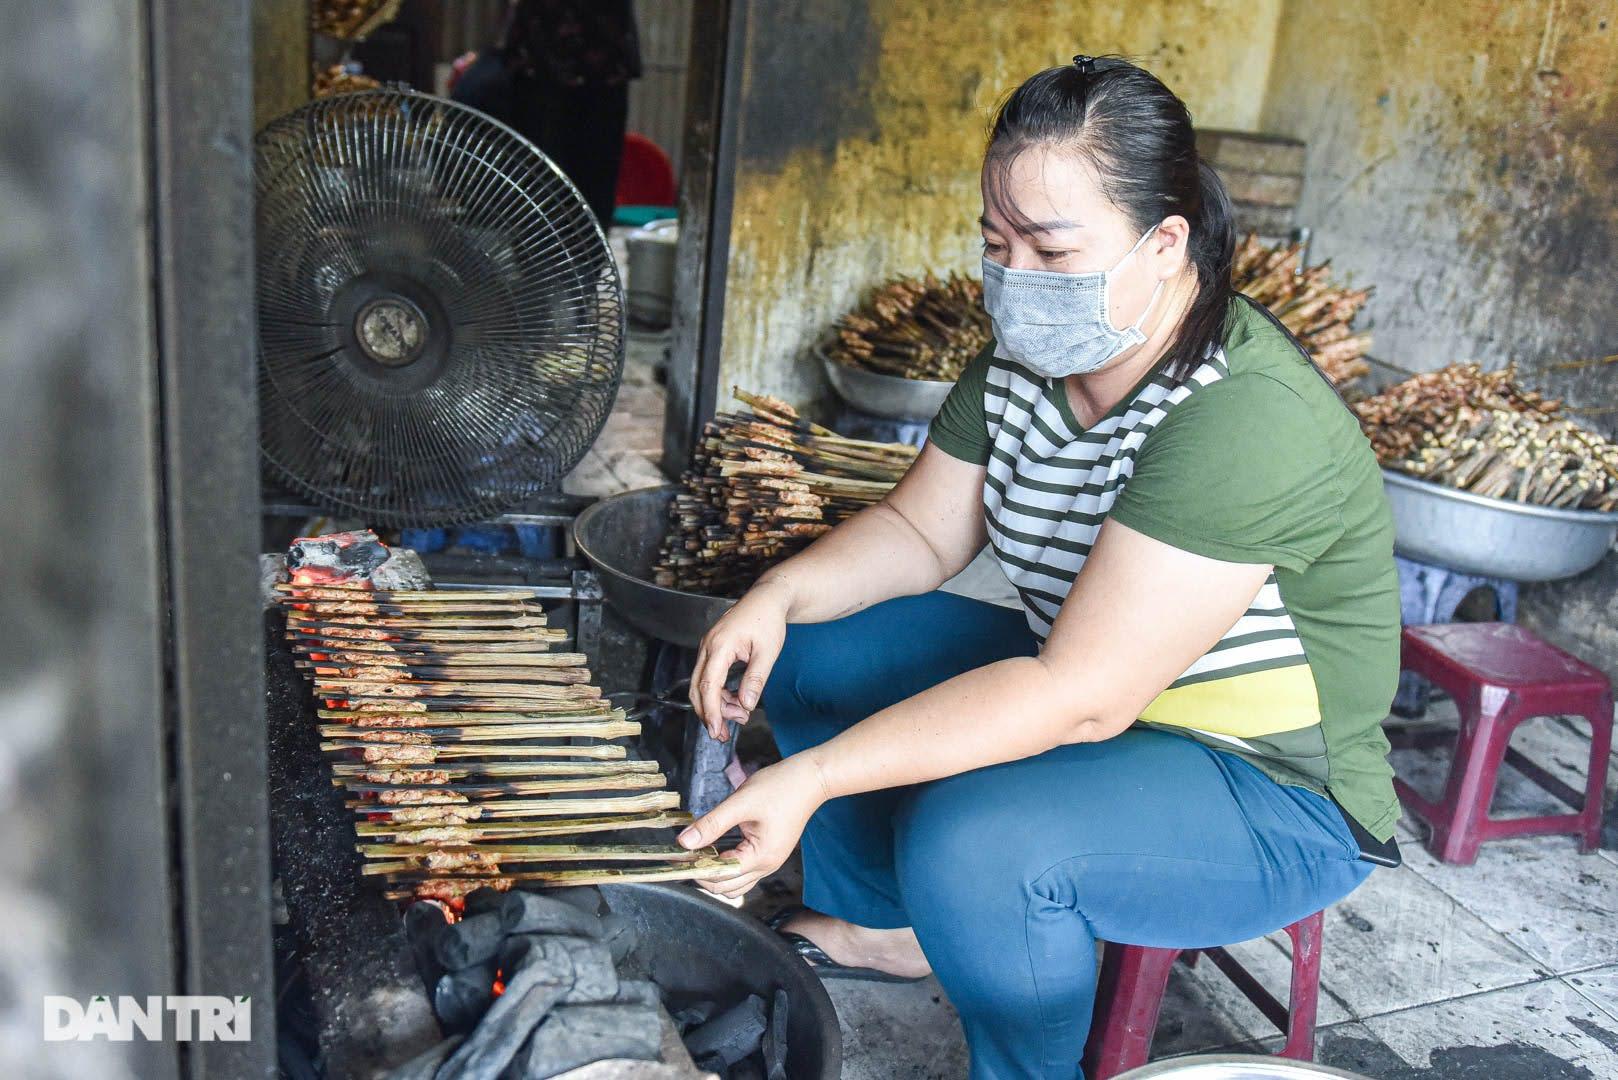 Hiếm có ở Hà Nội: Bún chả kẹp que tre nướng, ngày bán hàng trăm suất - Ảnh 3.